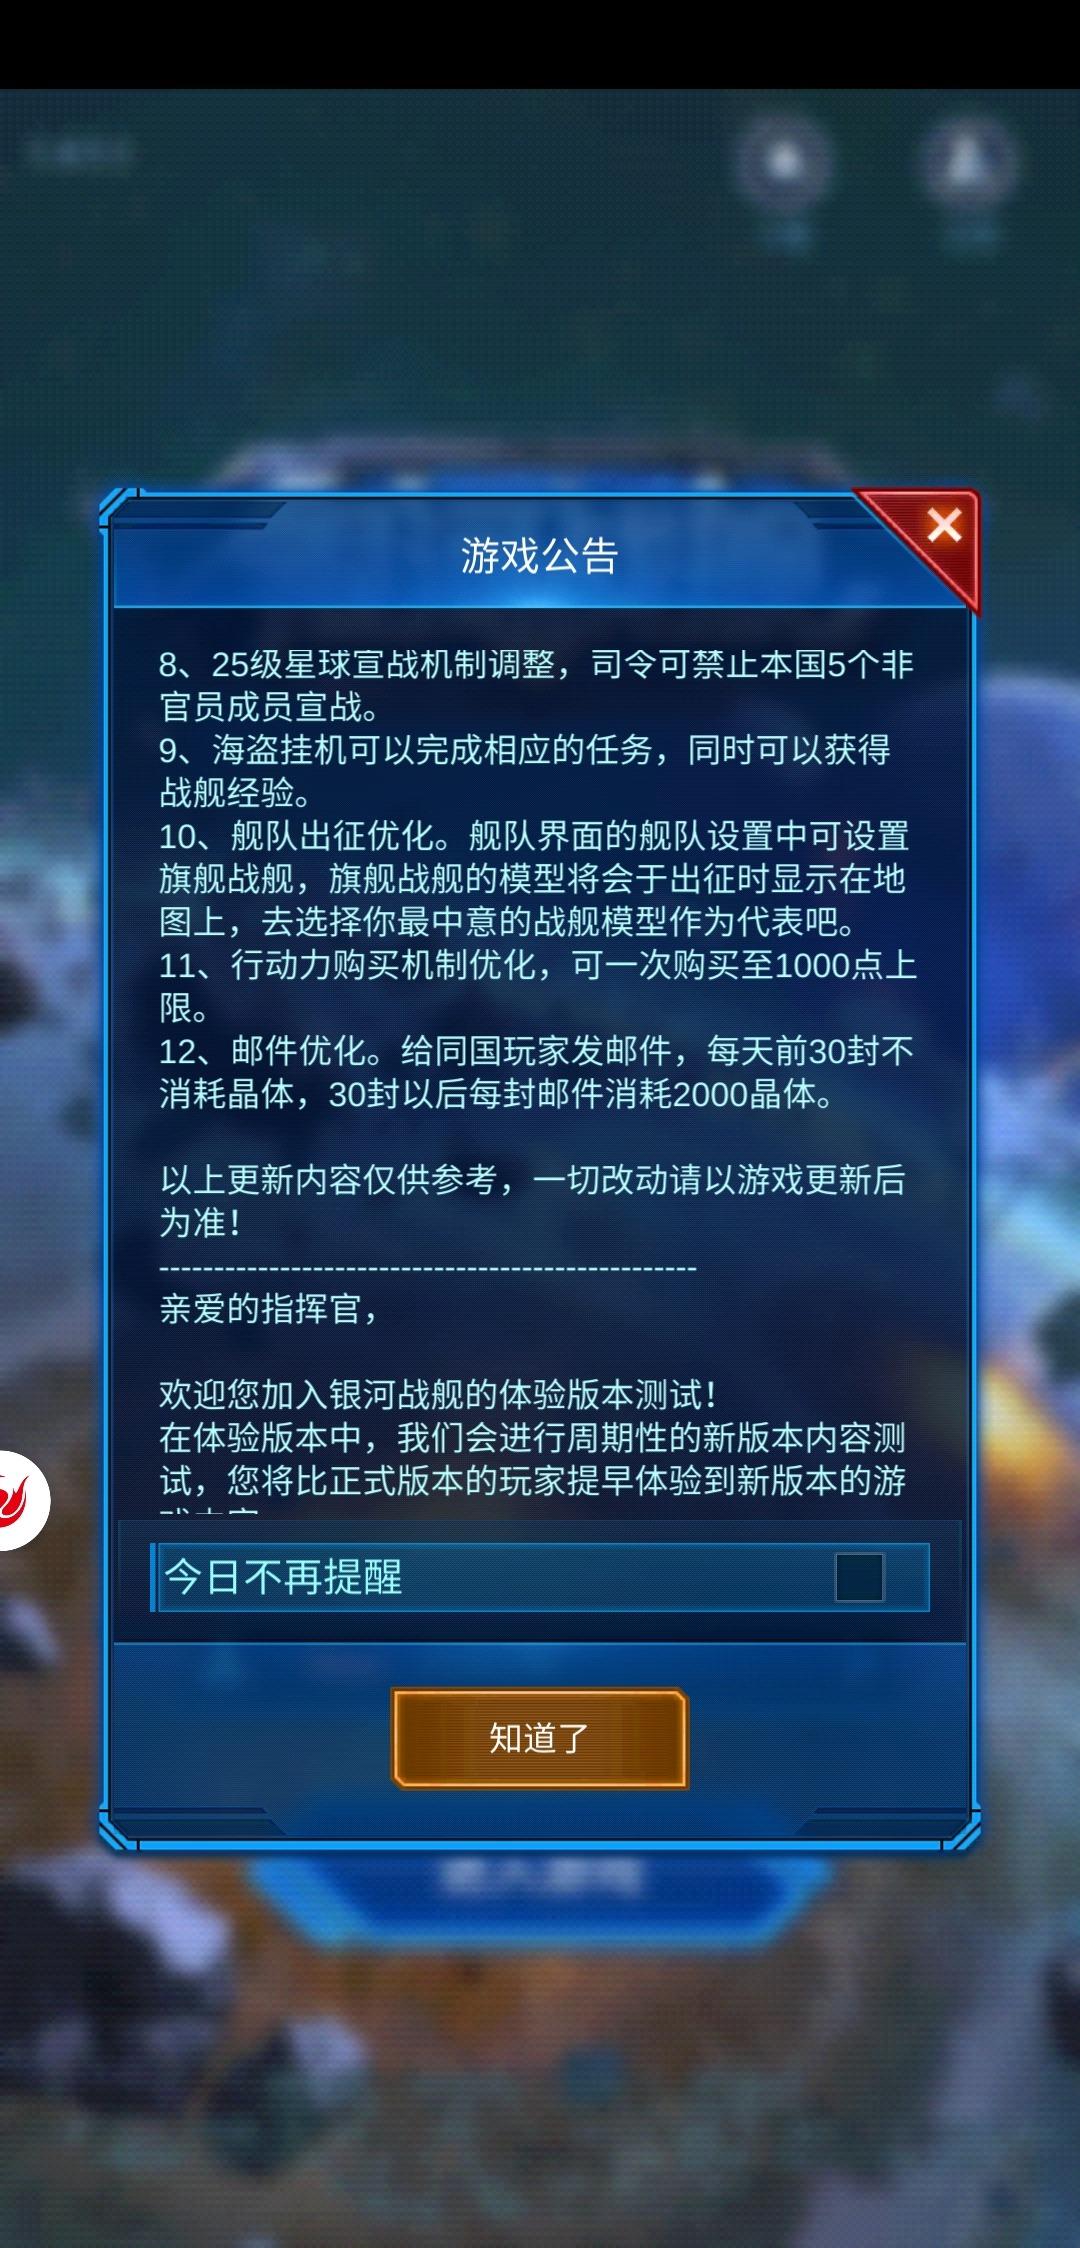 Screenshot_2020-04-24-14-23-12-857_com.yhzj.jedi.yueqiu.jpg